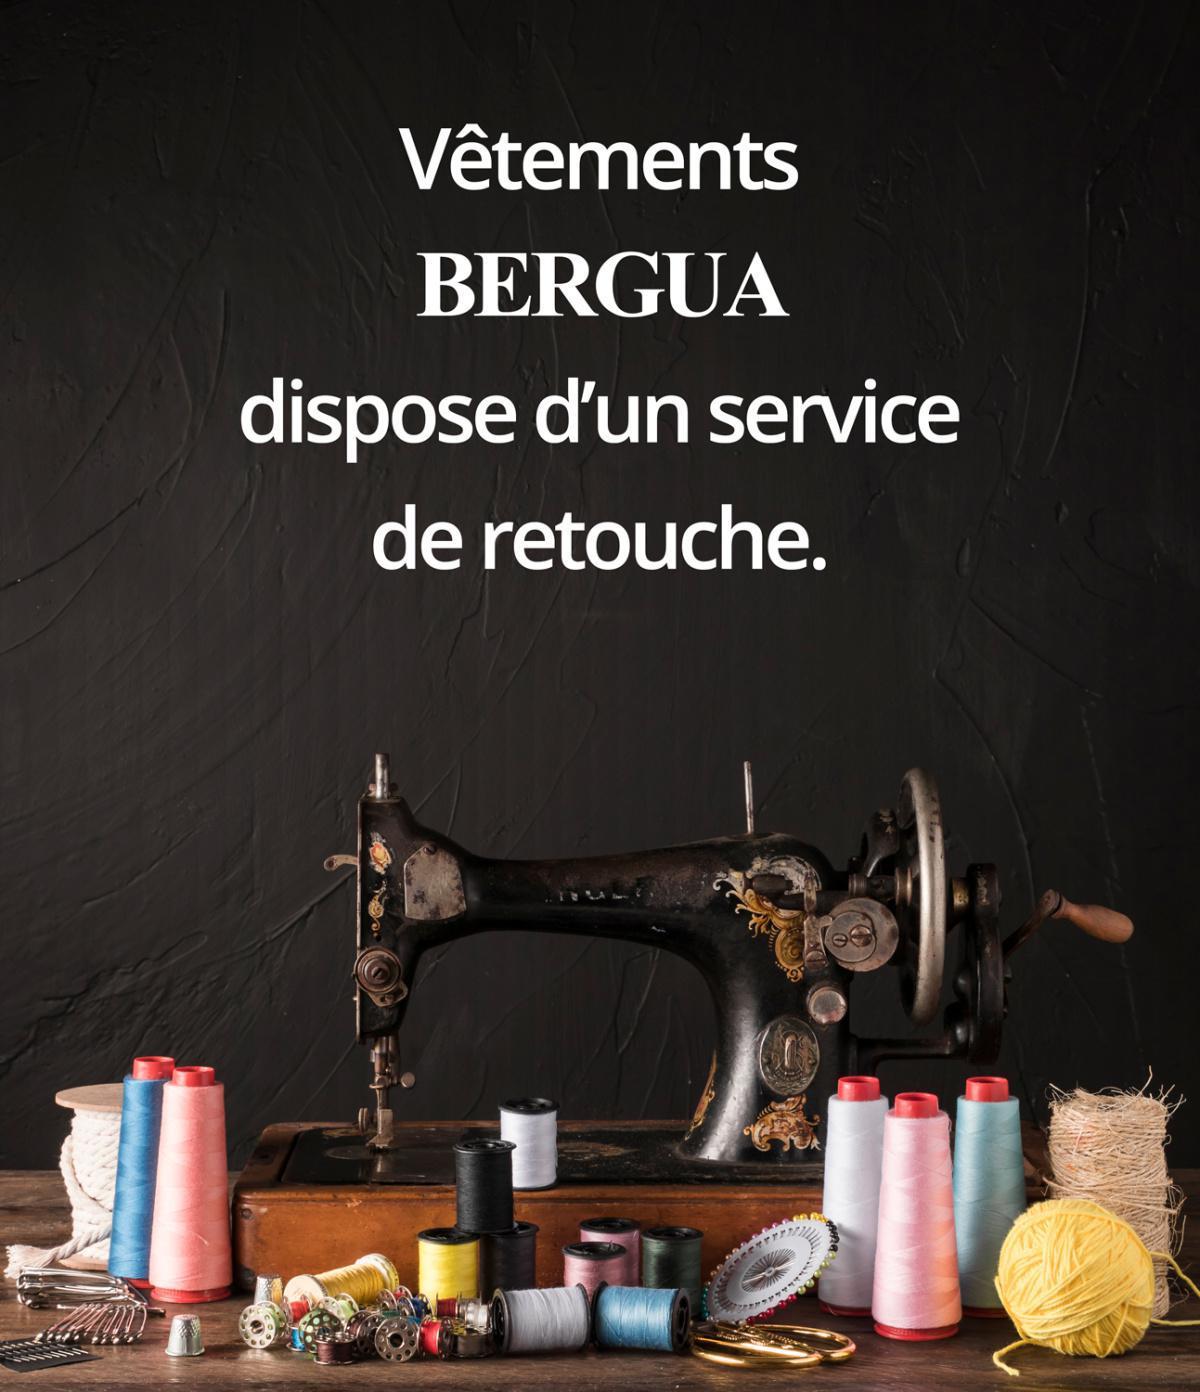 Visite virtuelle 360° à Nérac (47600) du magasin de prêt-à-porter Bergua